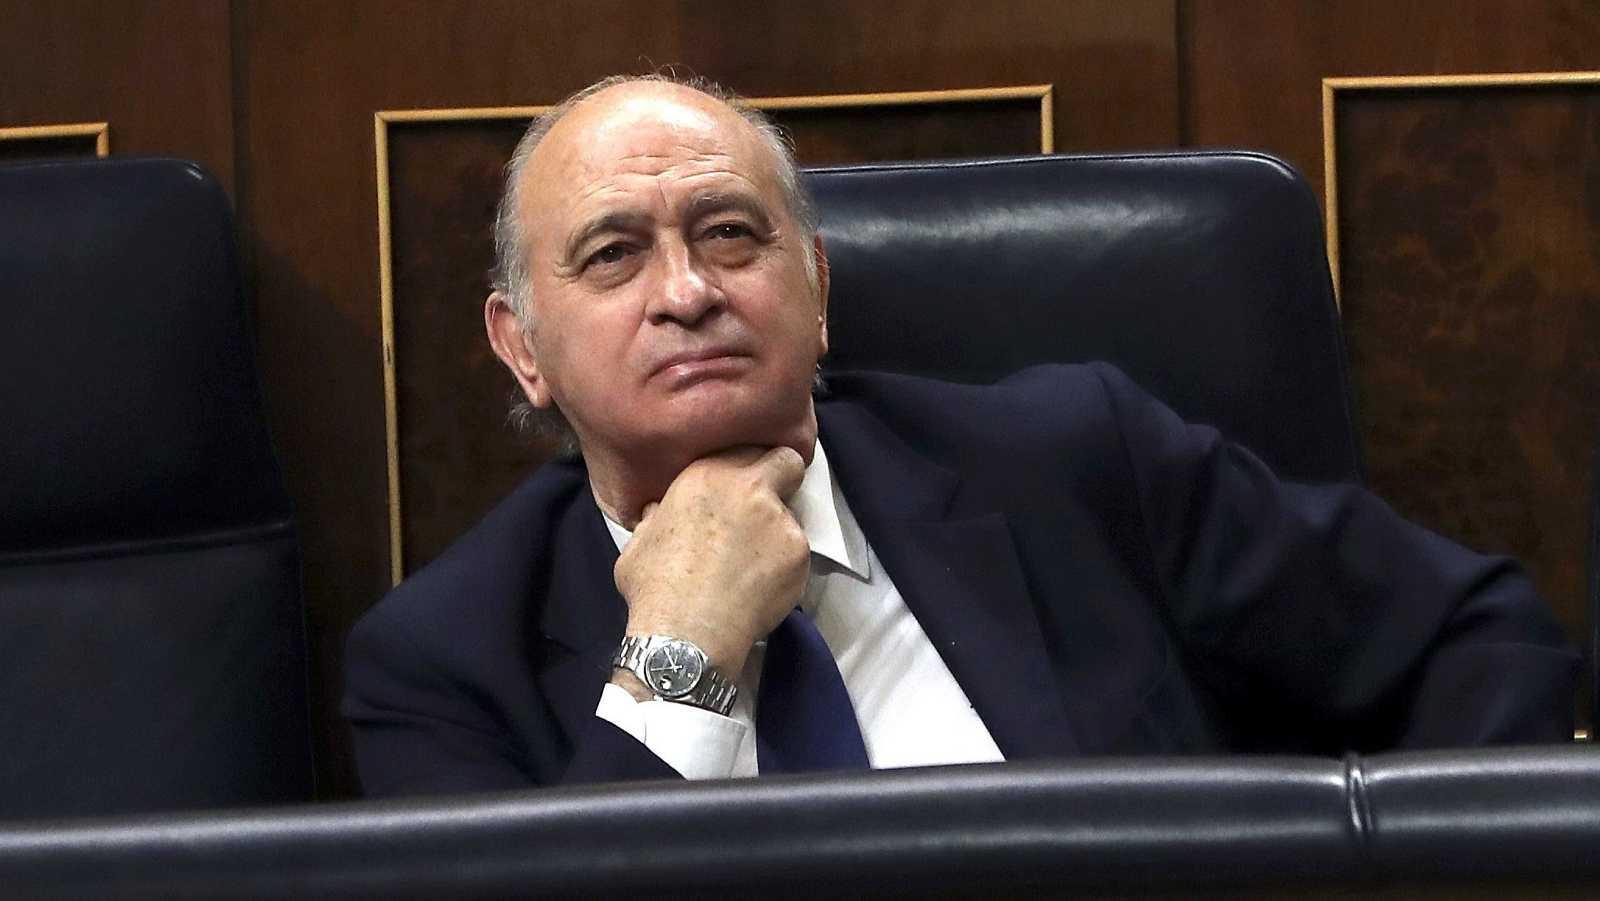 El exministro del Interior Jorge Fernández Díaz, en una imagen de archivo